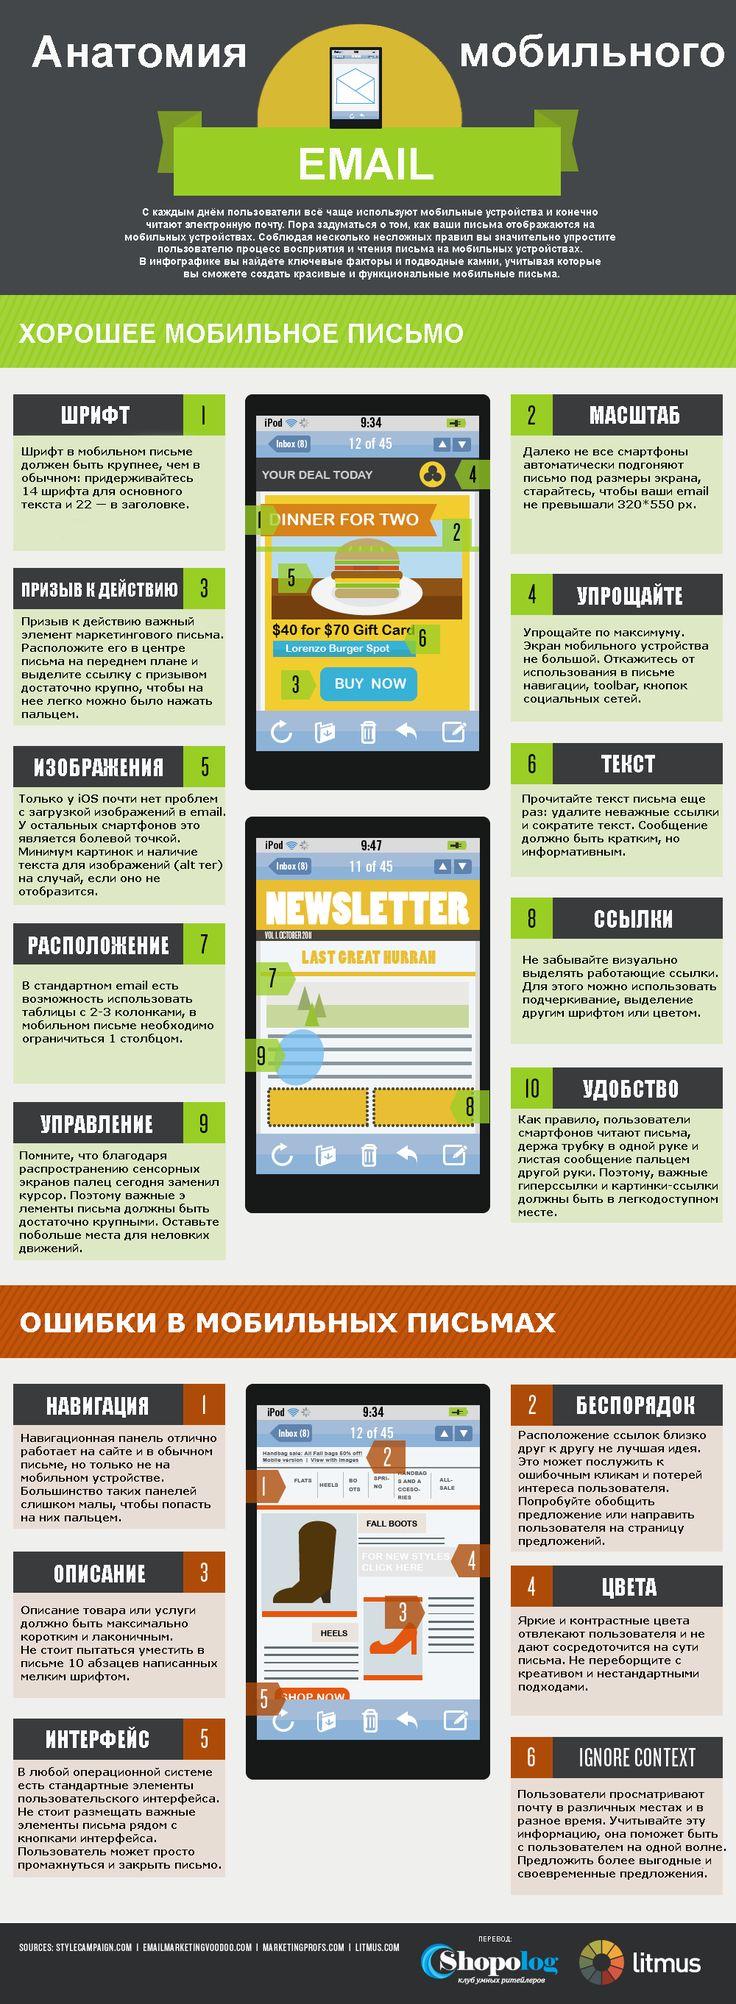 Инфографика: Анатомия мобильного письма